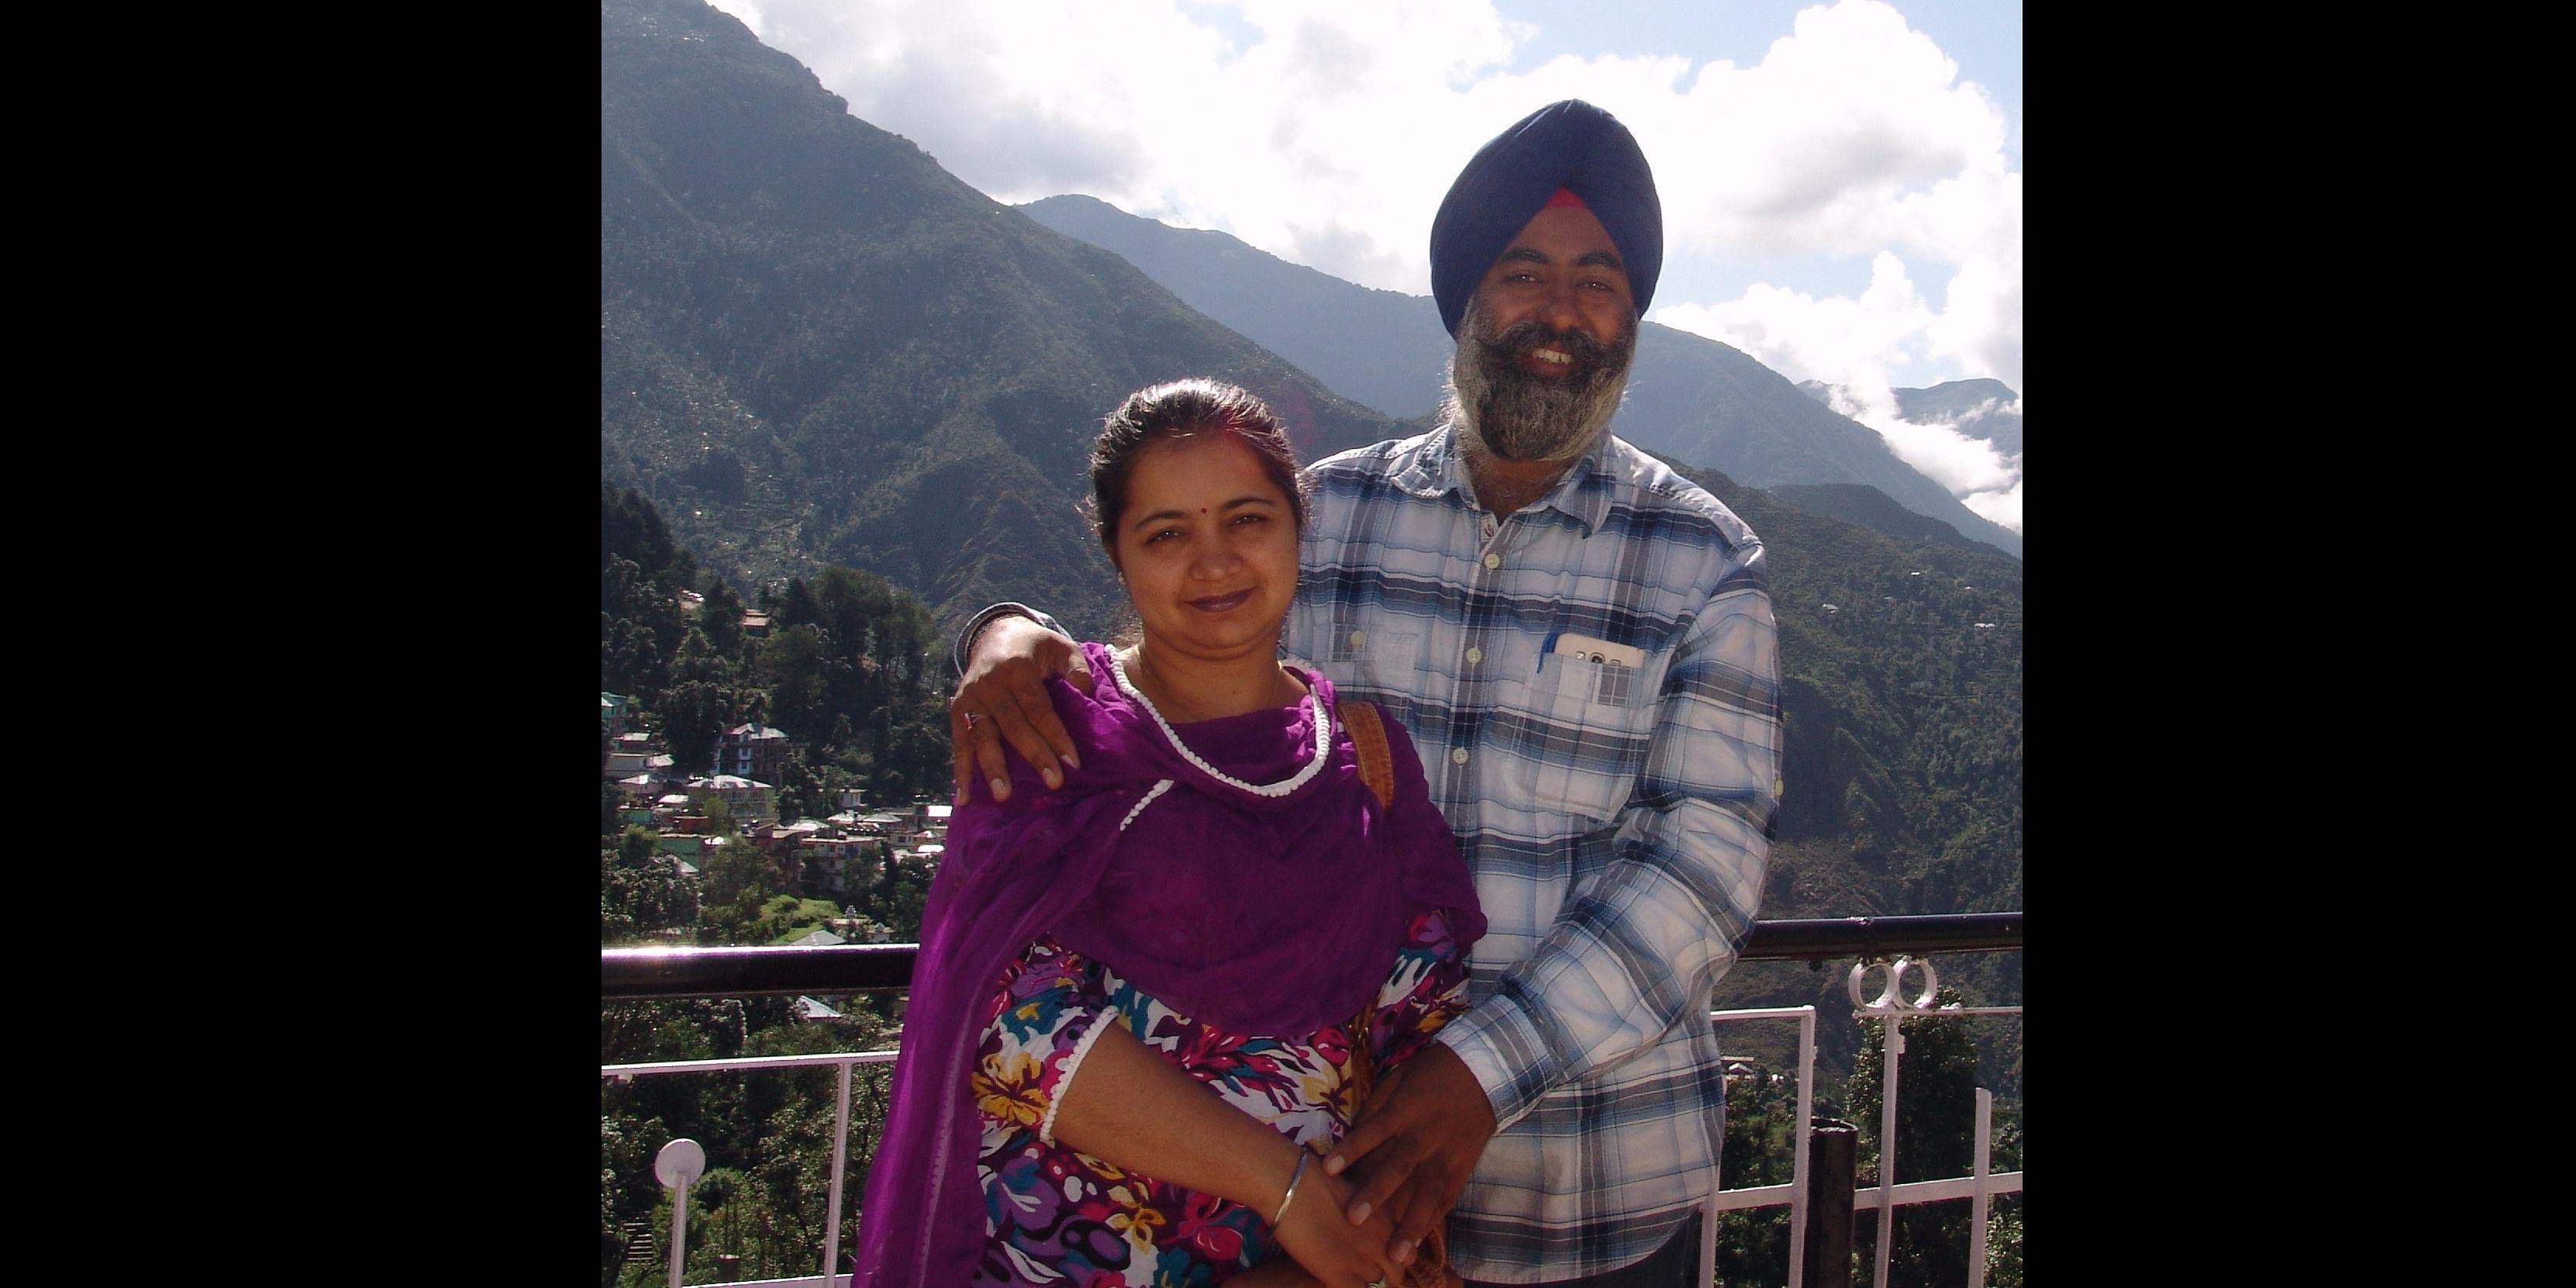 Vripal Singh and Jatinder Raj kaur